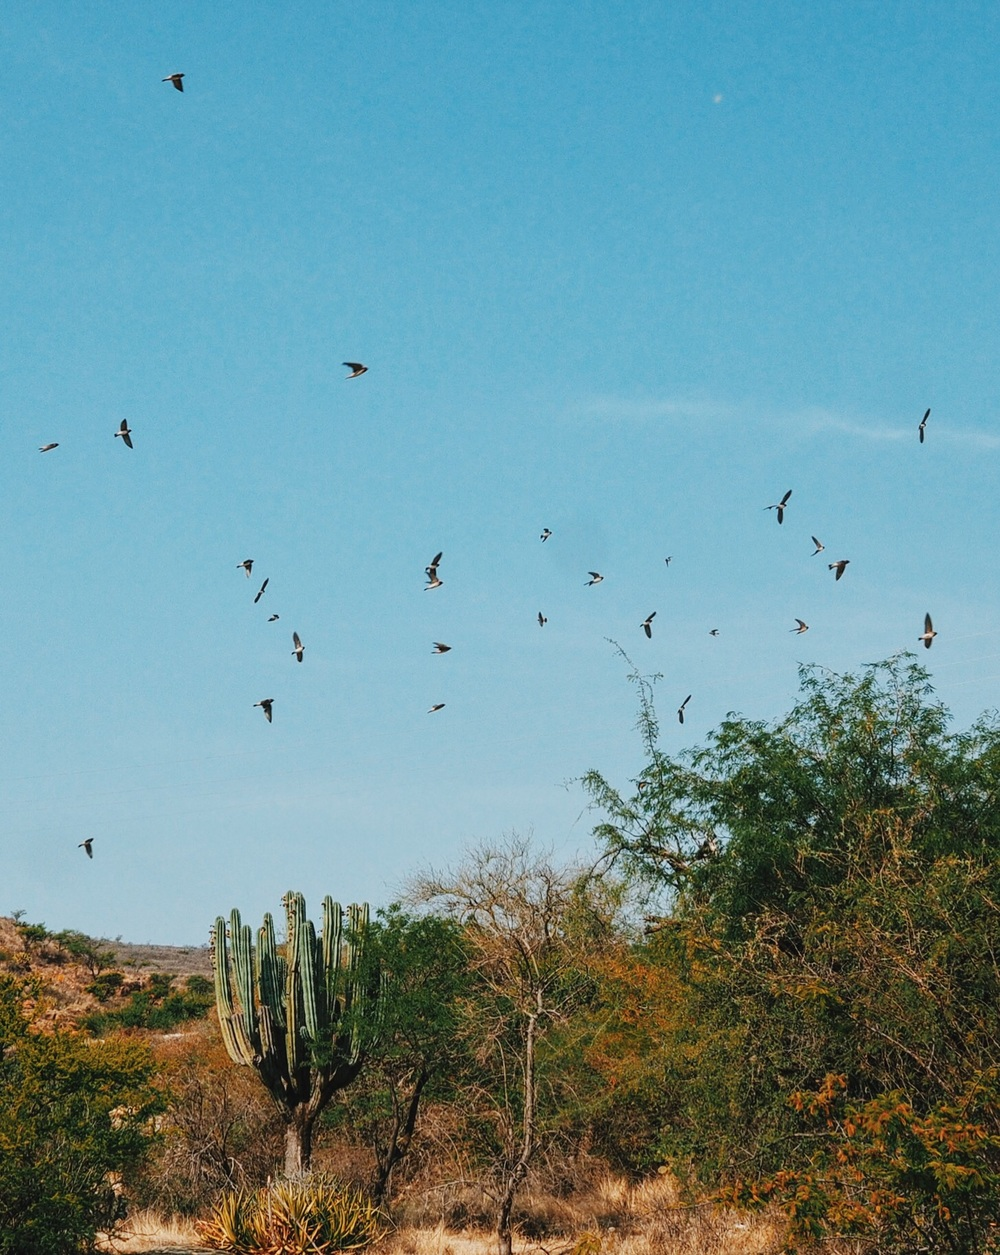 Birds & cacti in southern Puebla